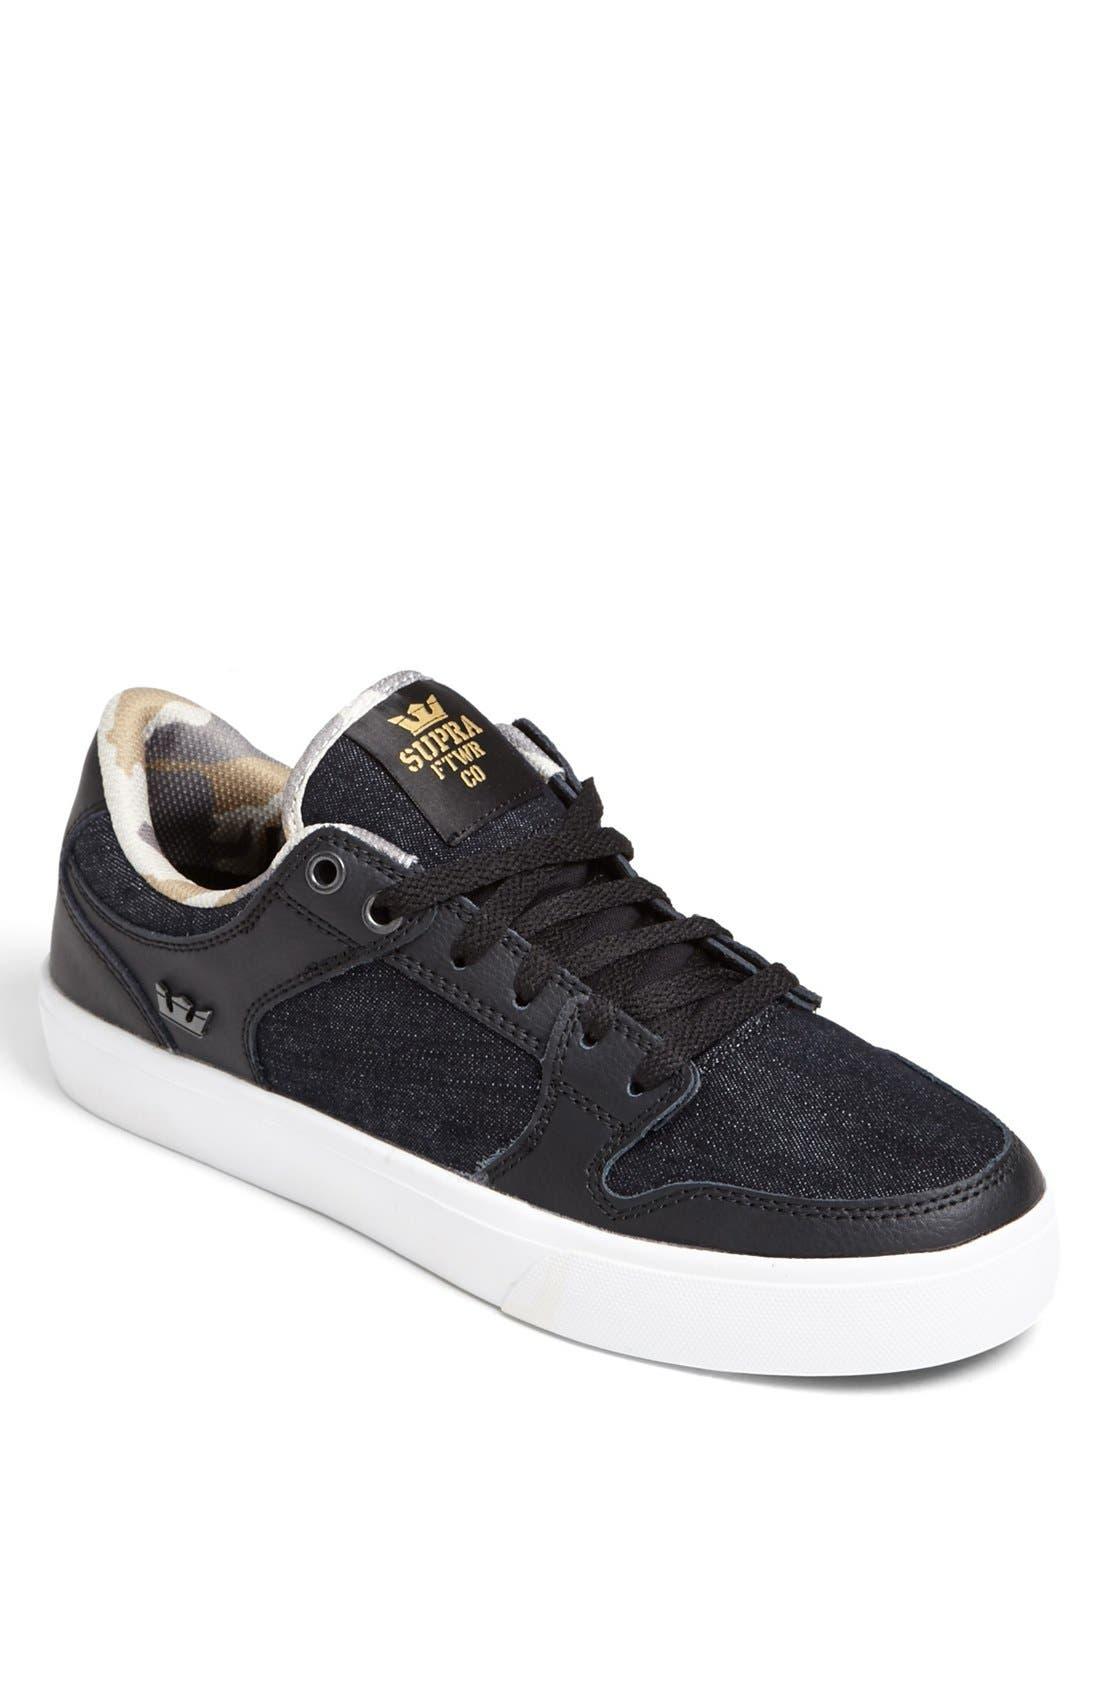 Alternate Image 1 Selected - Supra 'Vaider LC' Sneaker (Men)